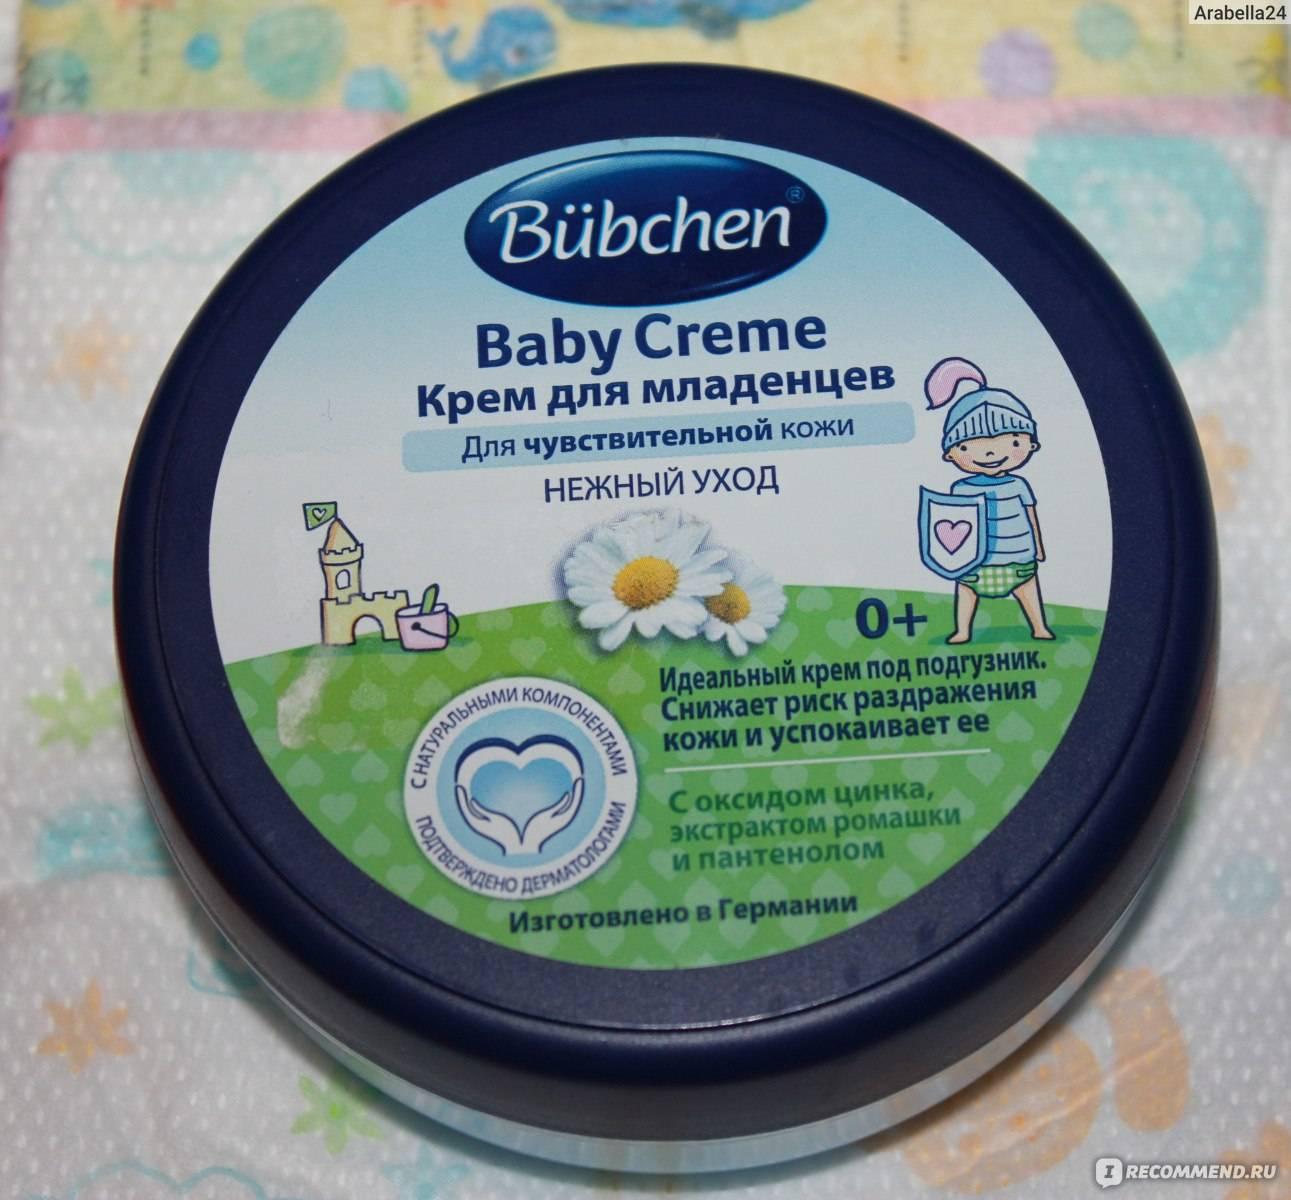 Бюбхен (bubchen) - детская косметика и крем под подгузник, средство для младенцев и новорожденных, молочко и шампунь с цинком